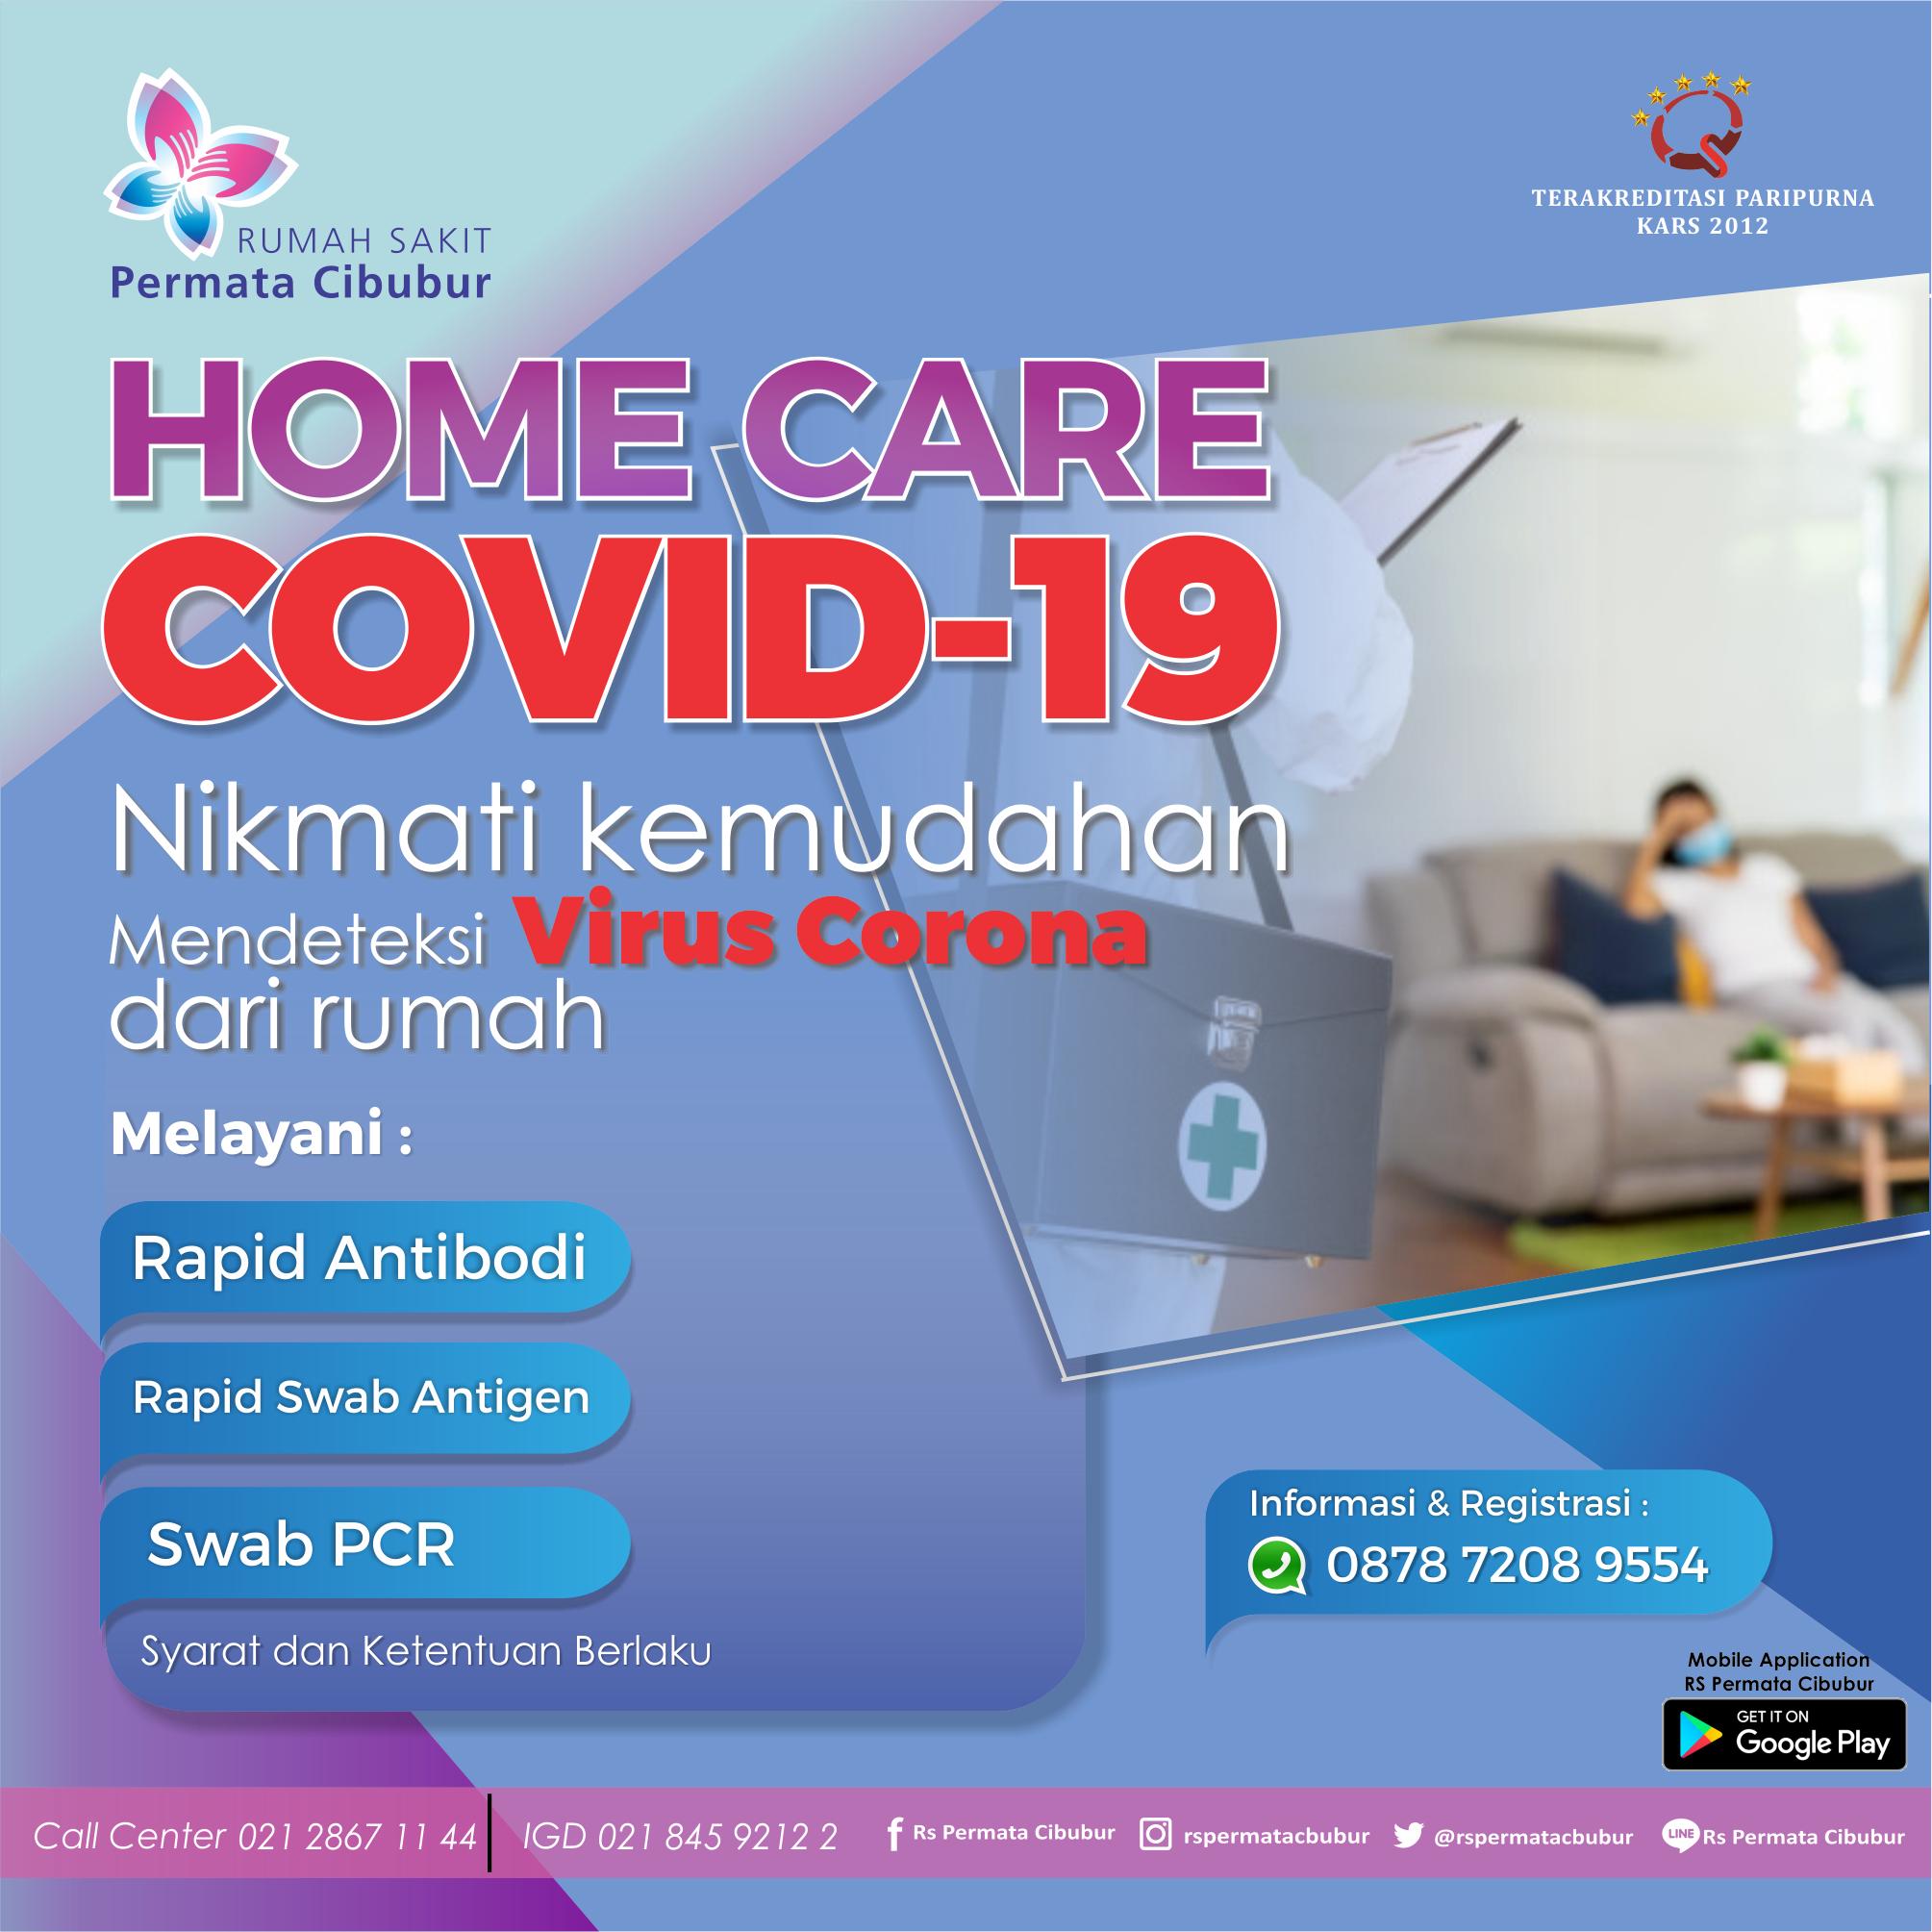 Home Care Covid-19